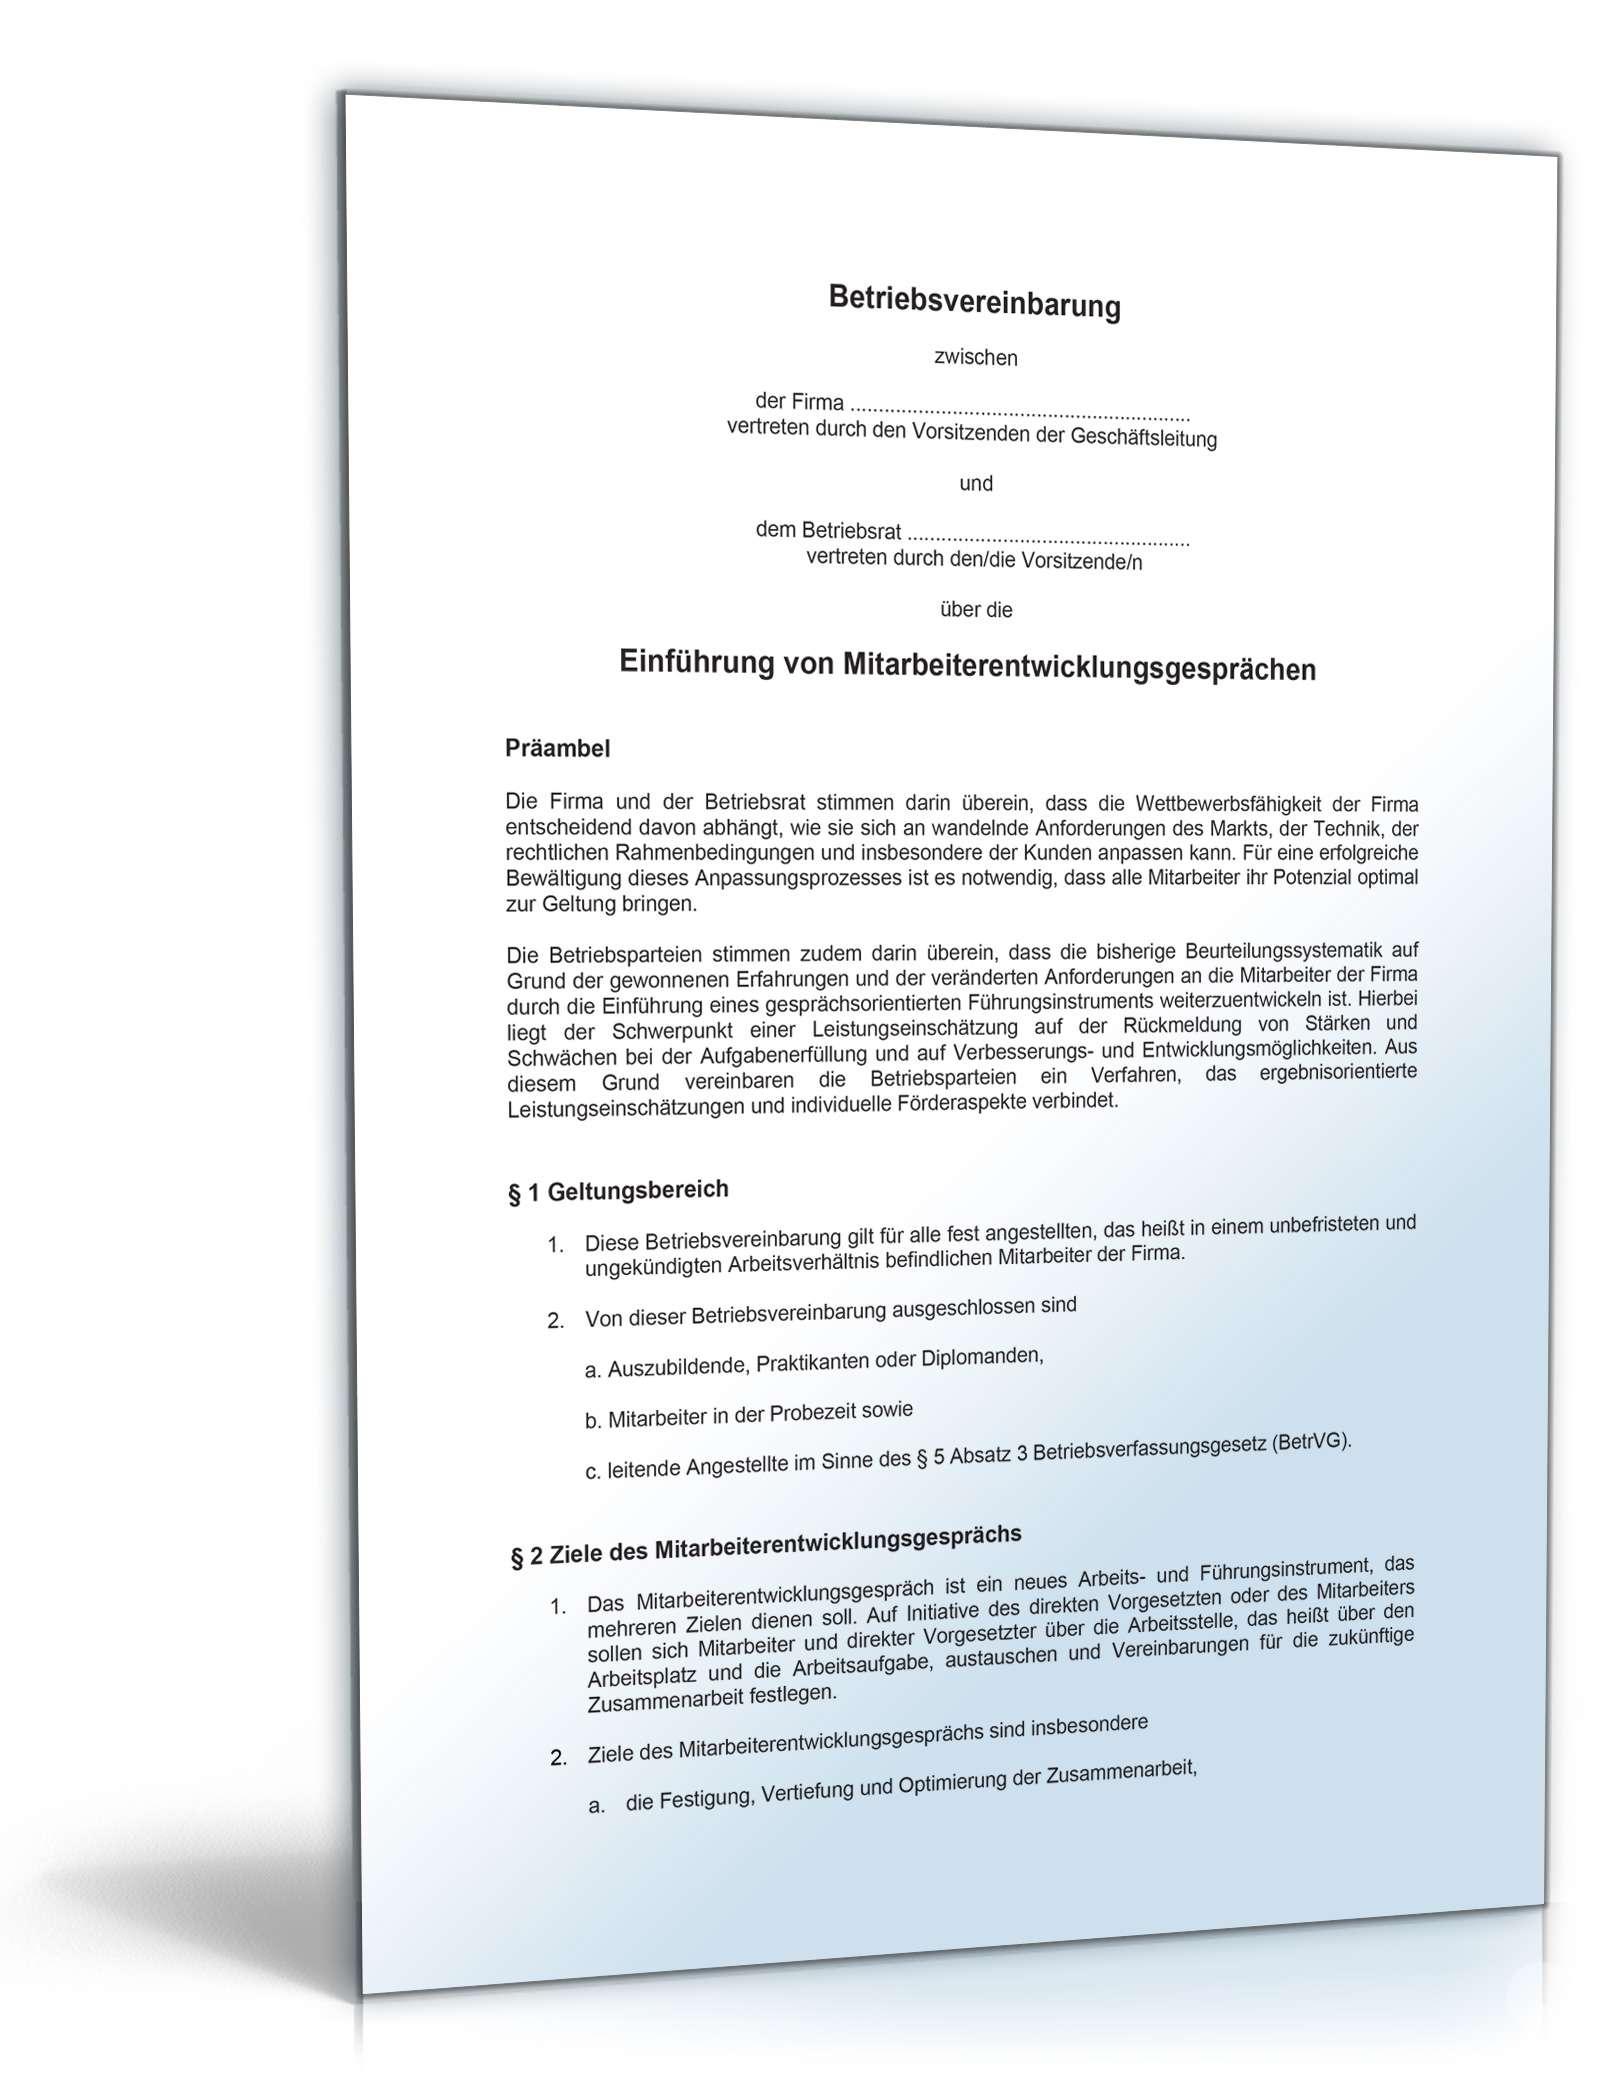 Muster Betriebsvereinbarung Als Pdf Br Wiki 7